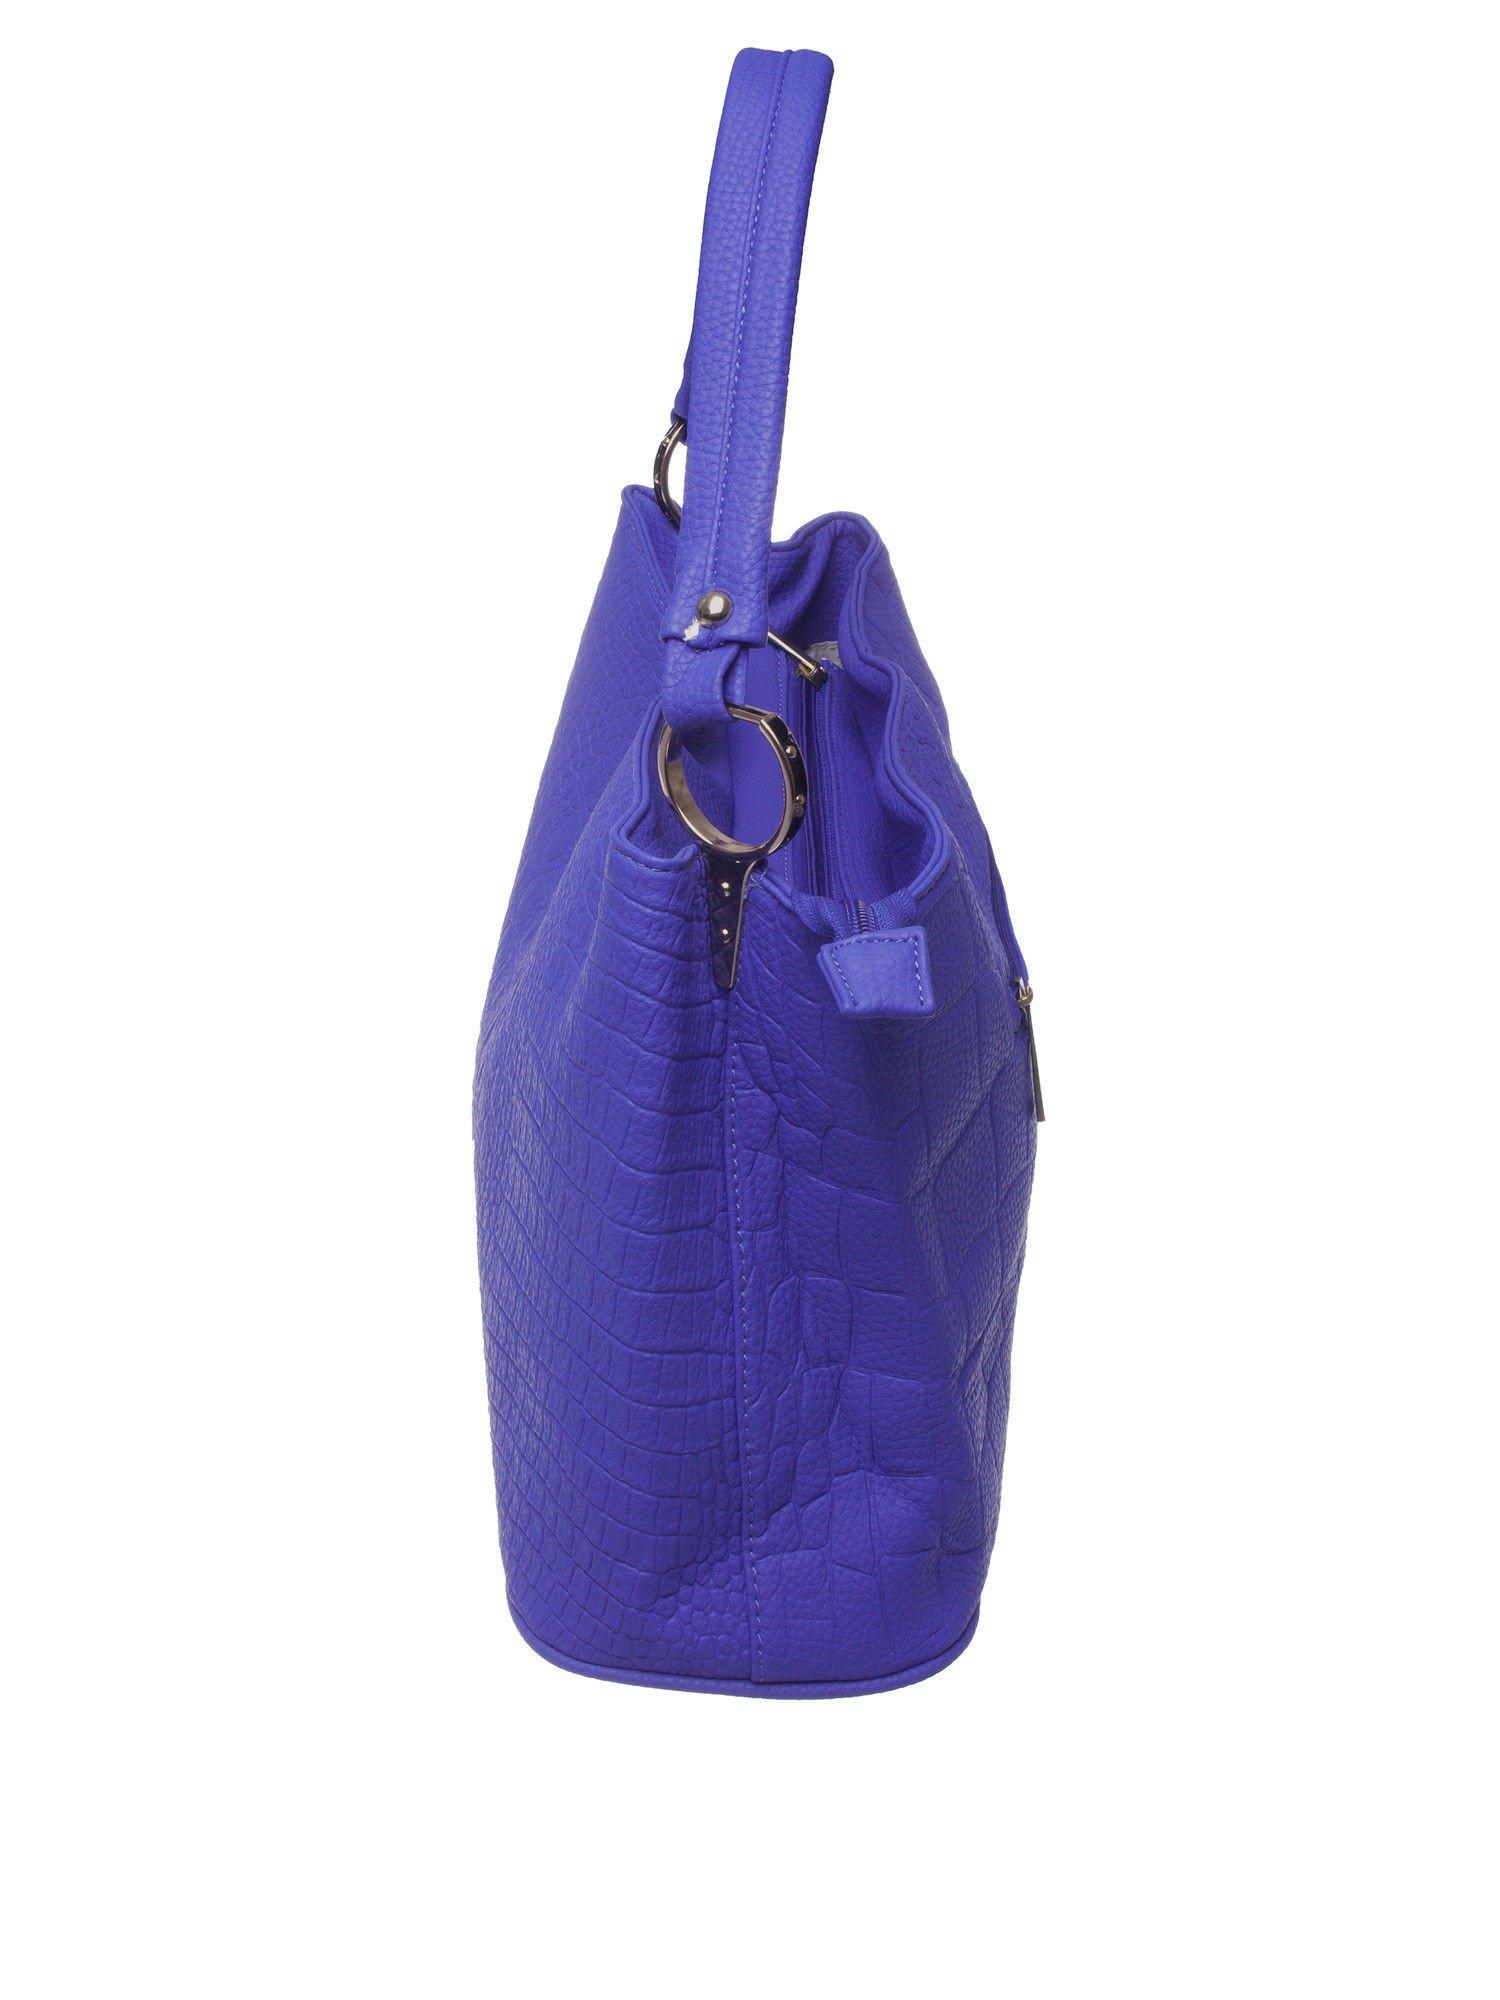 Niebieska torebka na ramię tłoczona na wzór skóry krokodyla                                  zdj.                                  4